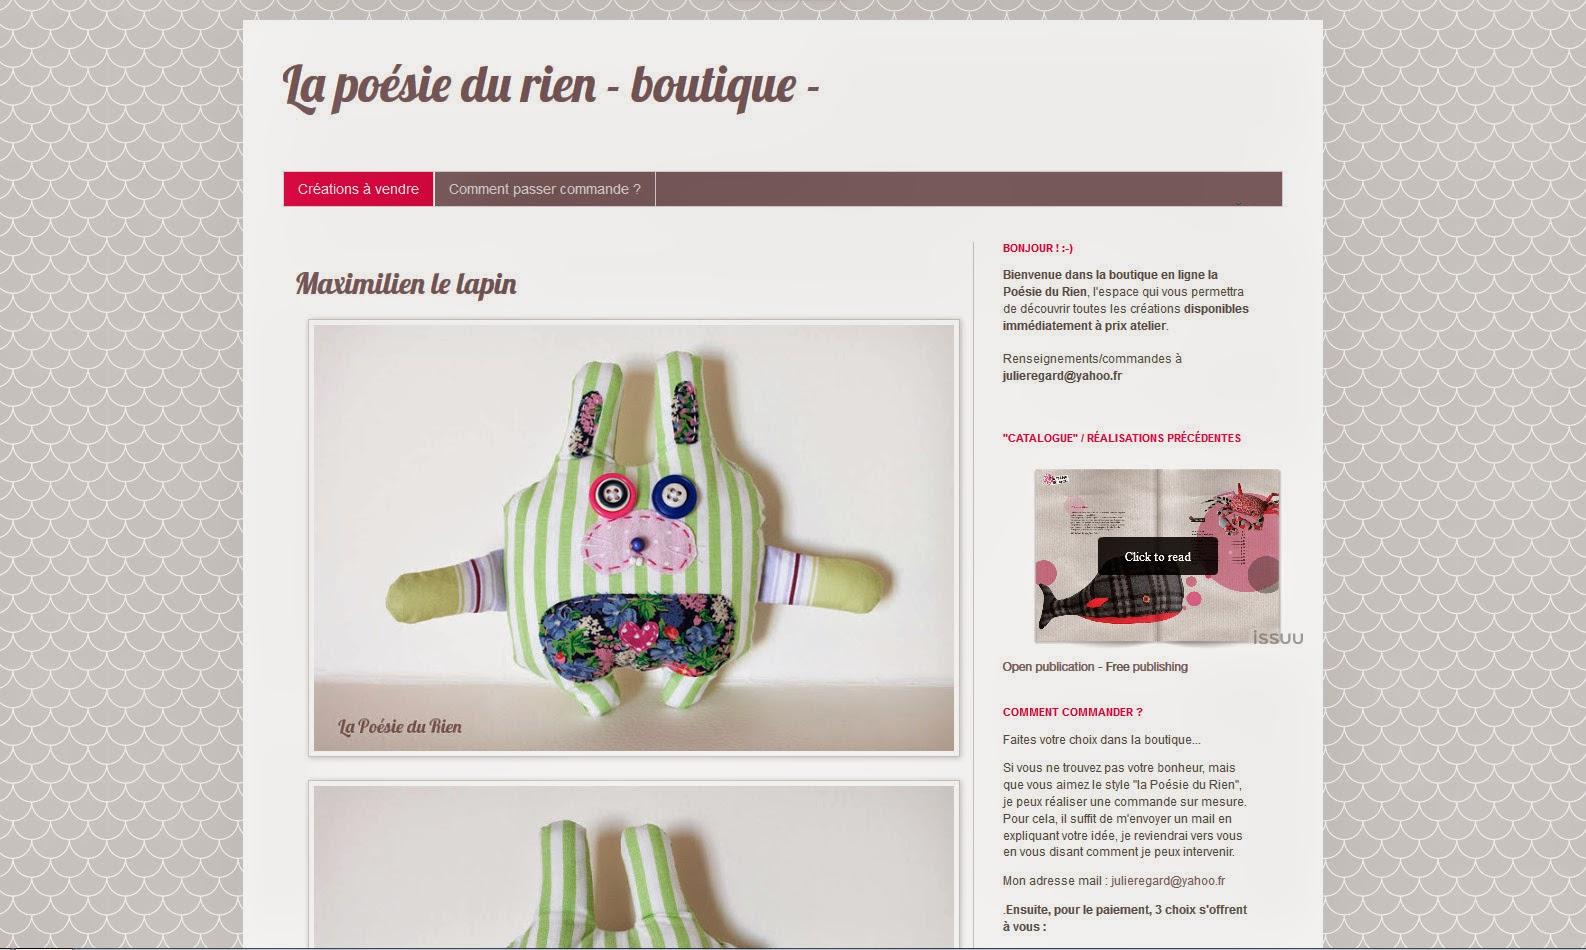 http://boutique-lapoesiedurien.blogspot.fr/